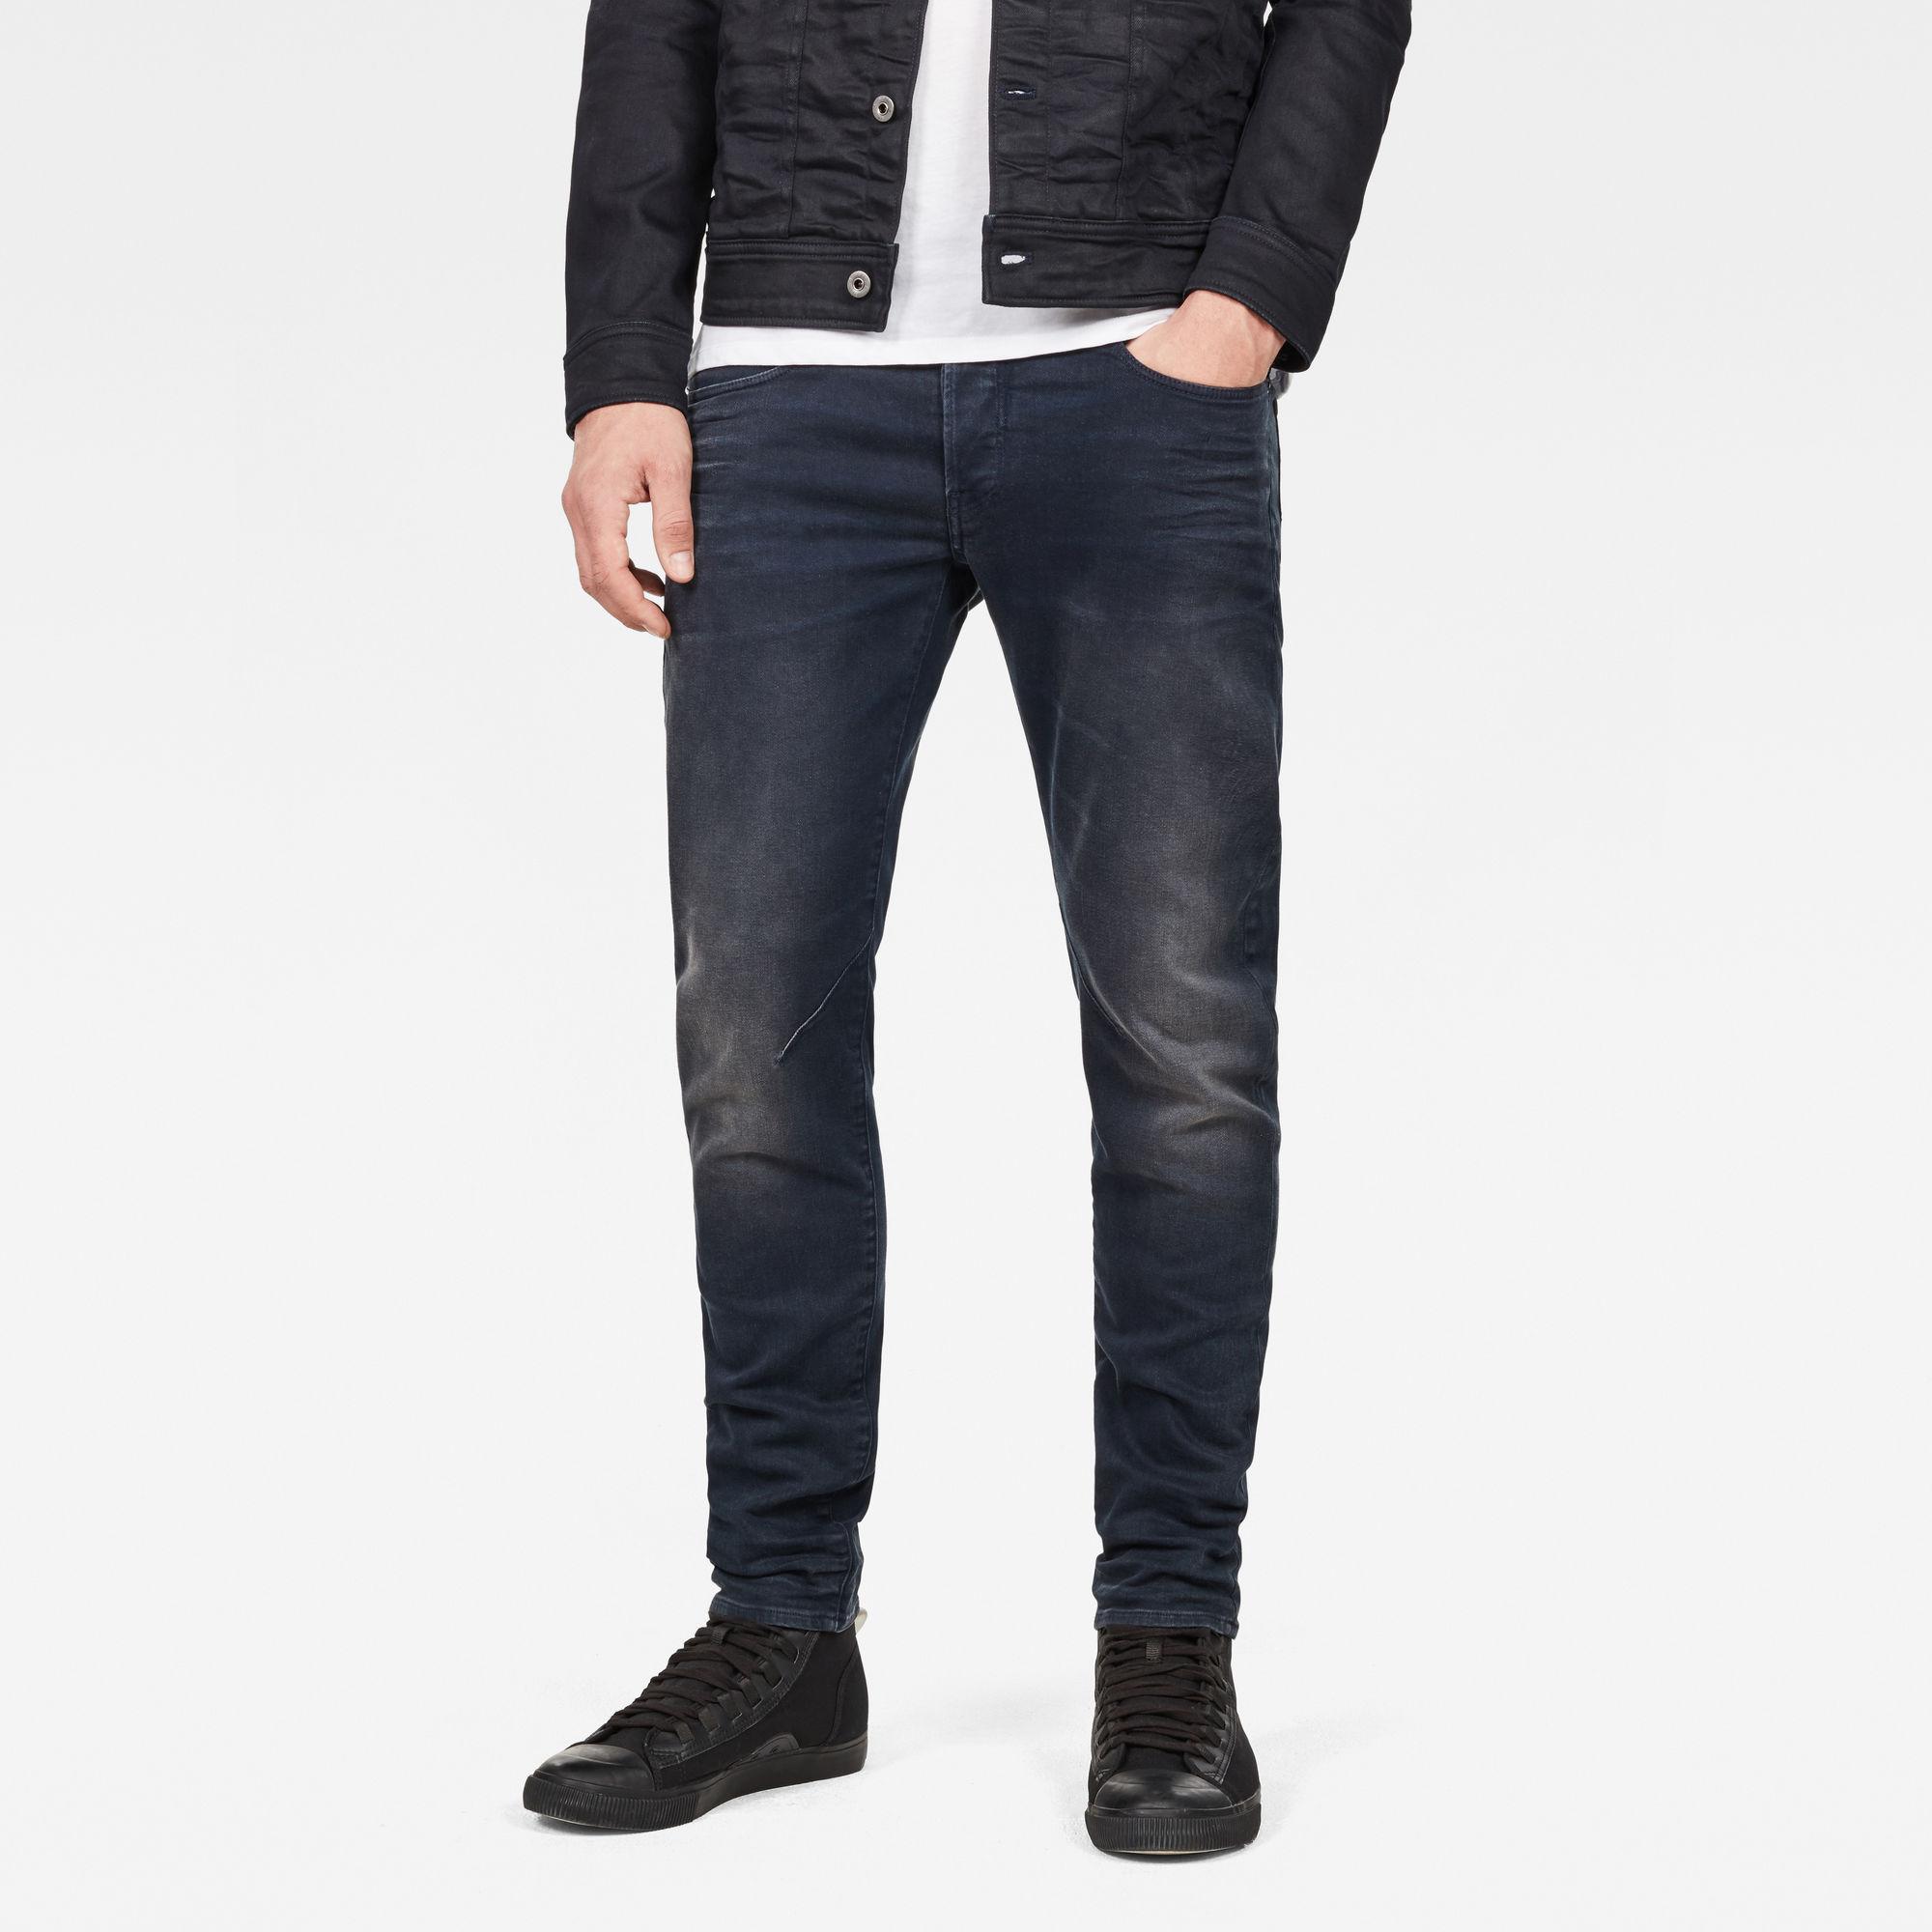 D-Staq 5-Pocket Slim Color Jeans